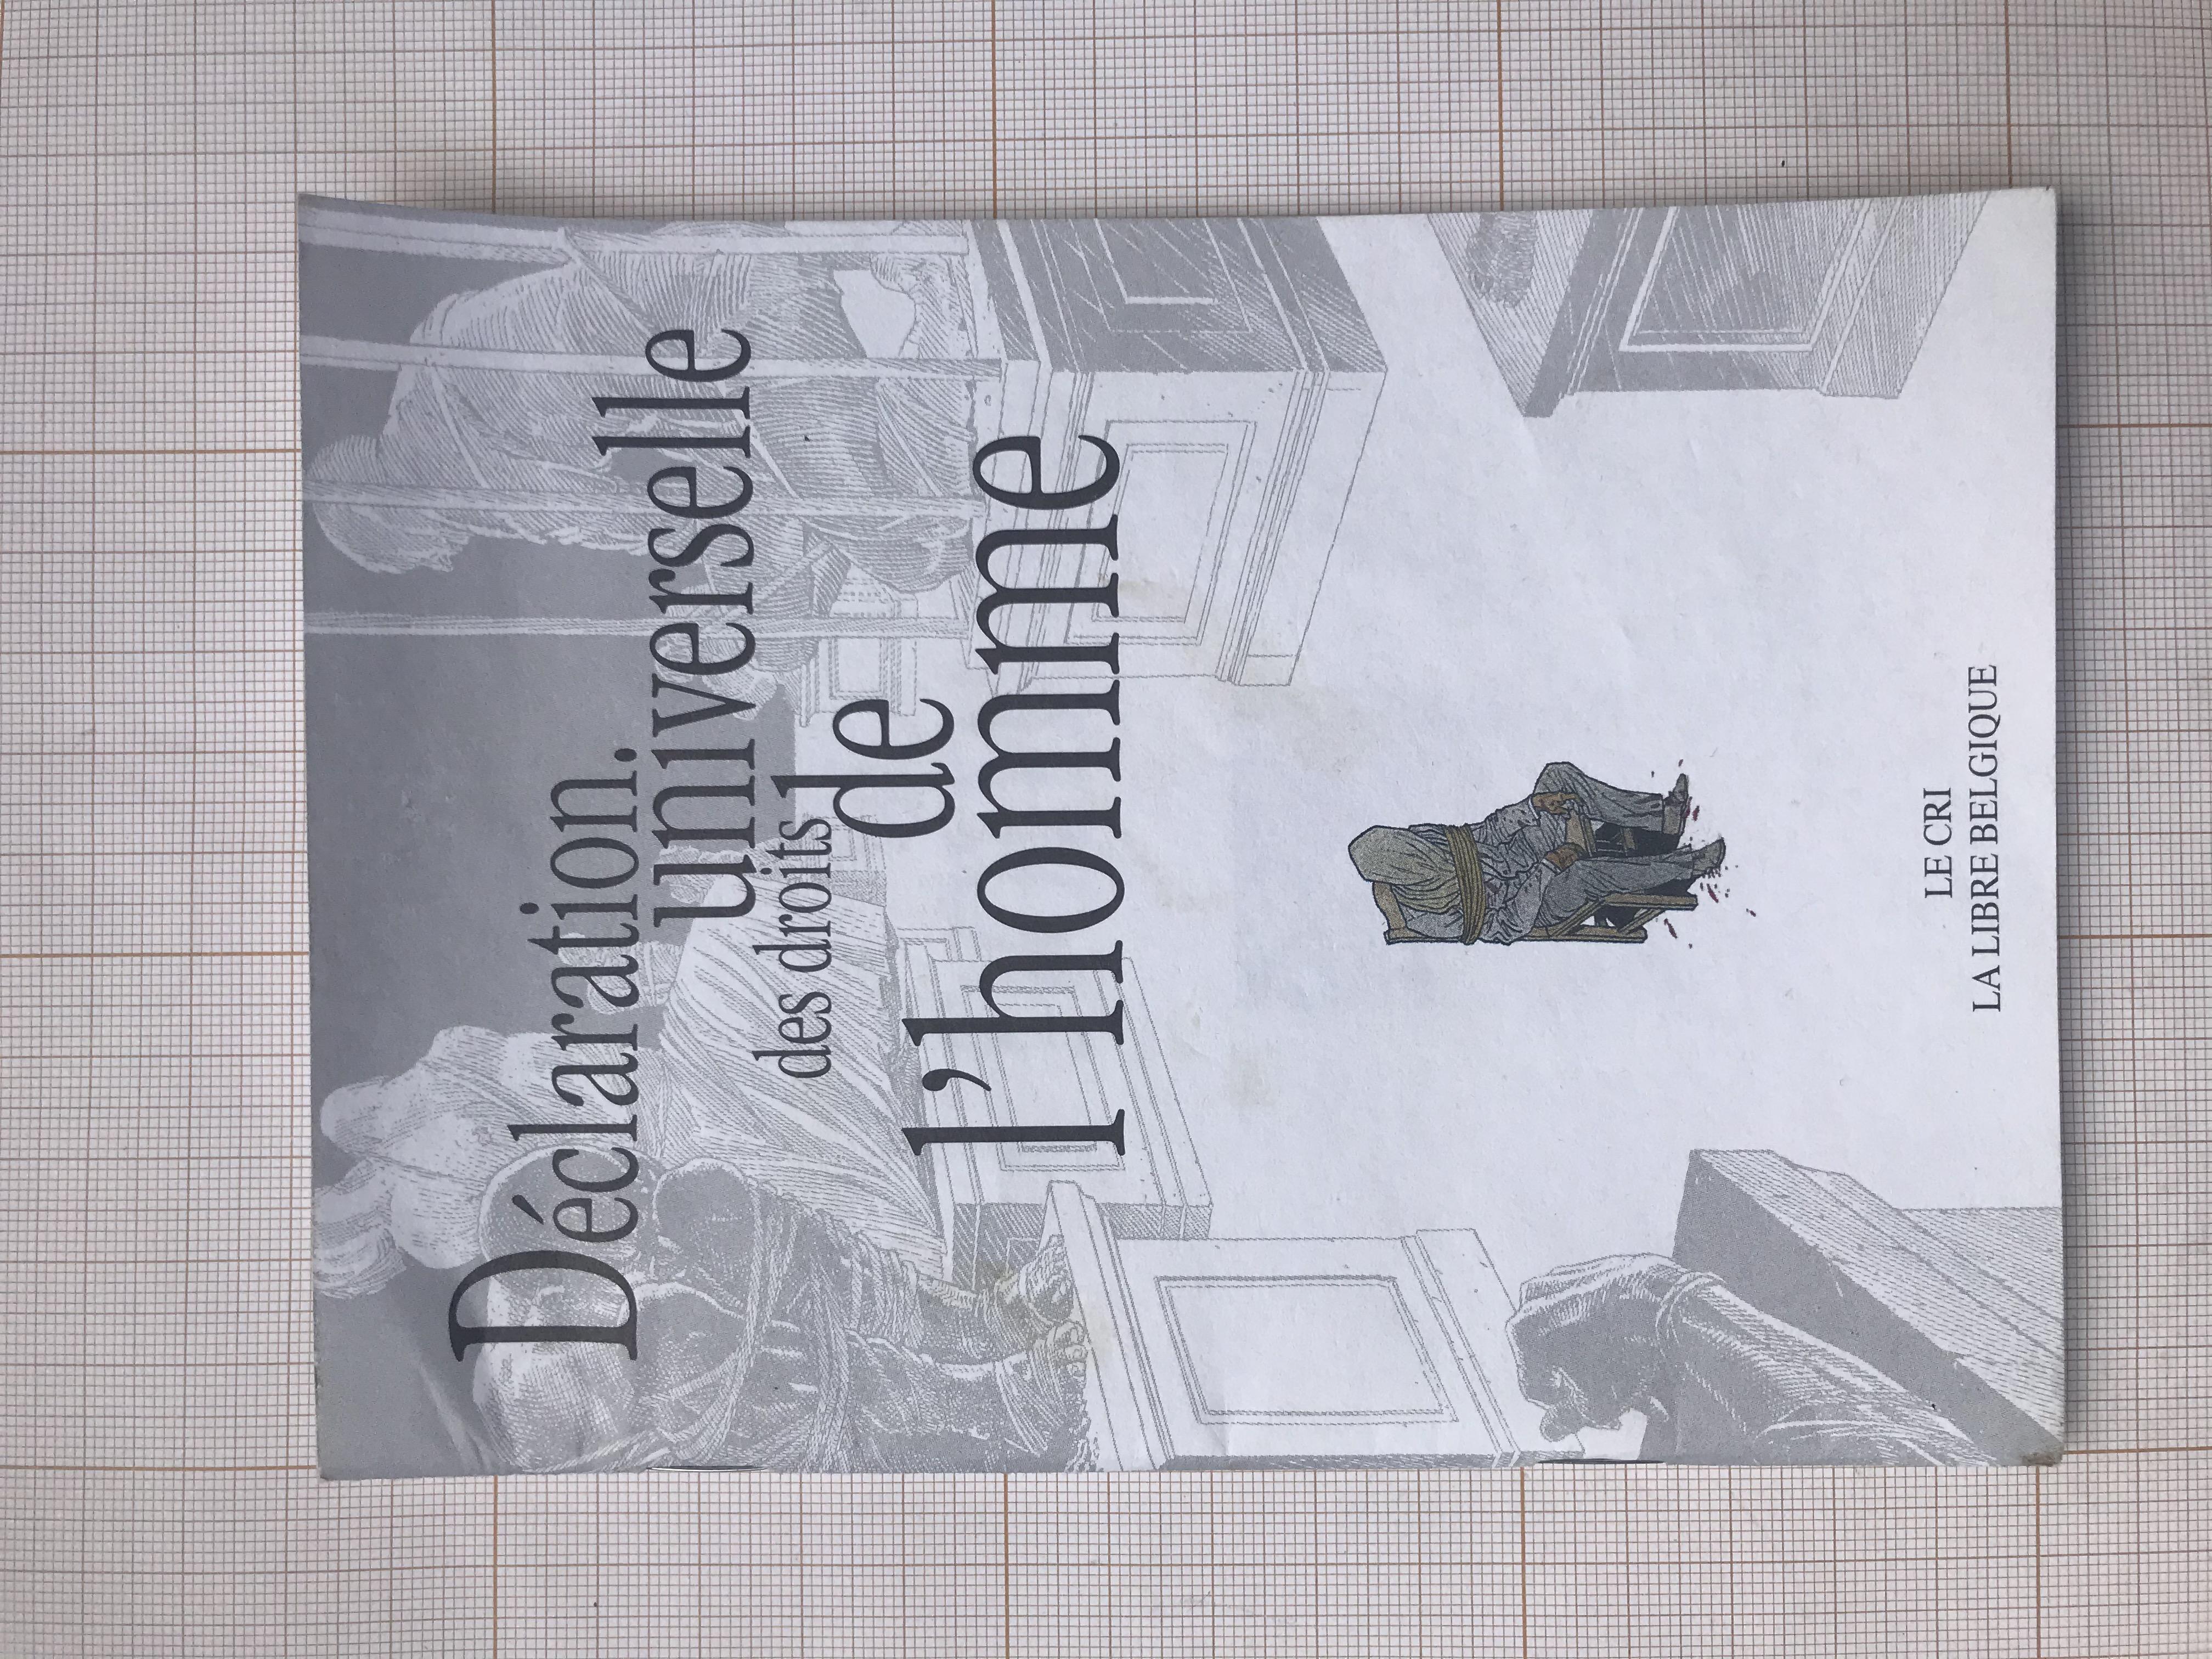 Déclaration Universelle des droits de l'homme© François Schuiten, 1998